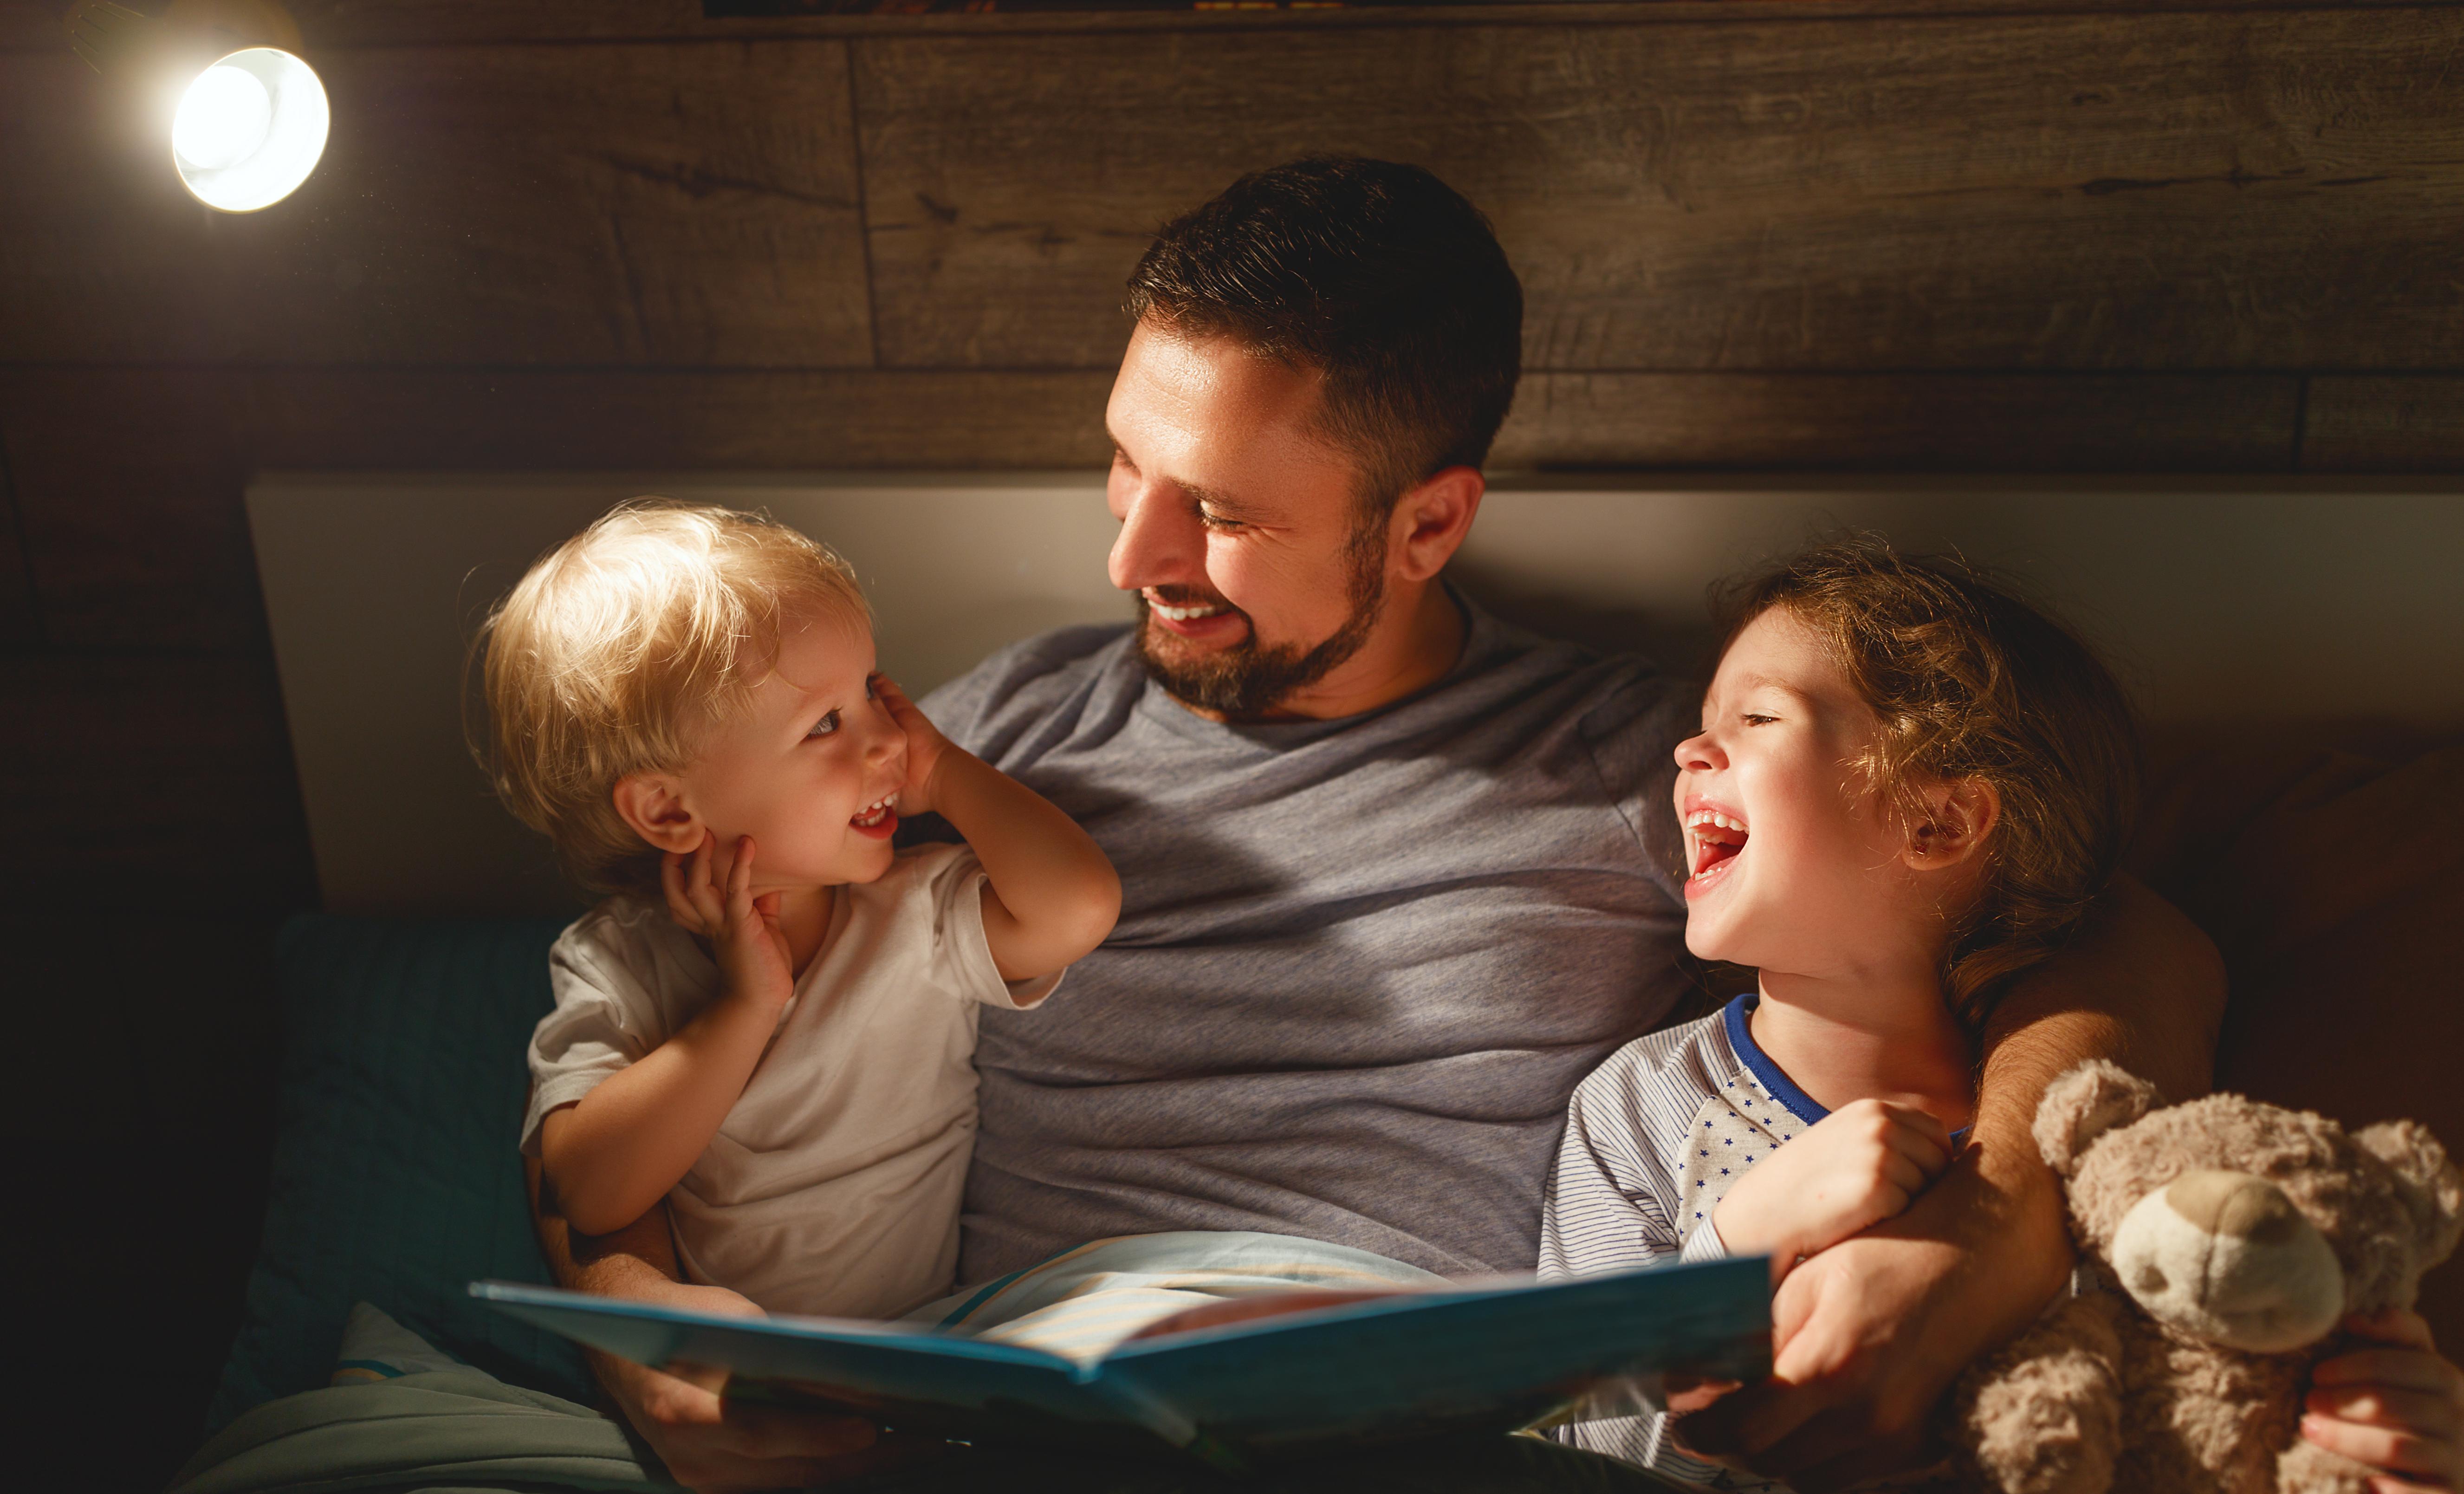 Padre contando un cuento en la cama a sus hijos